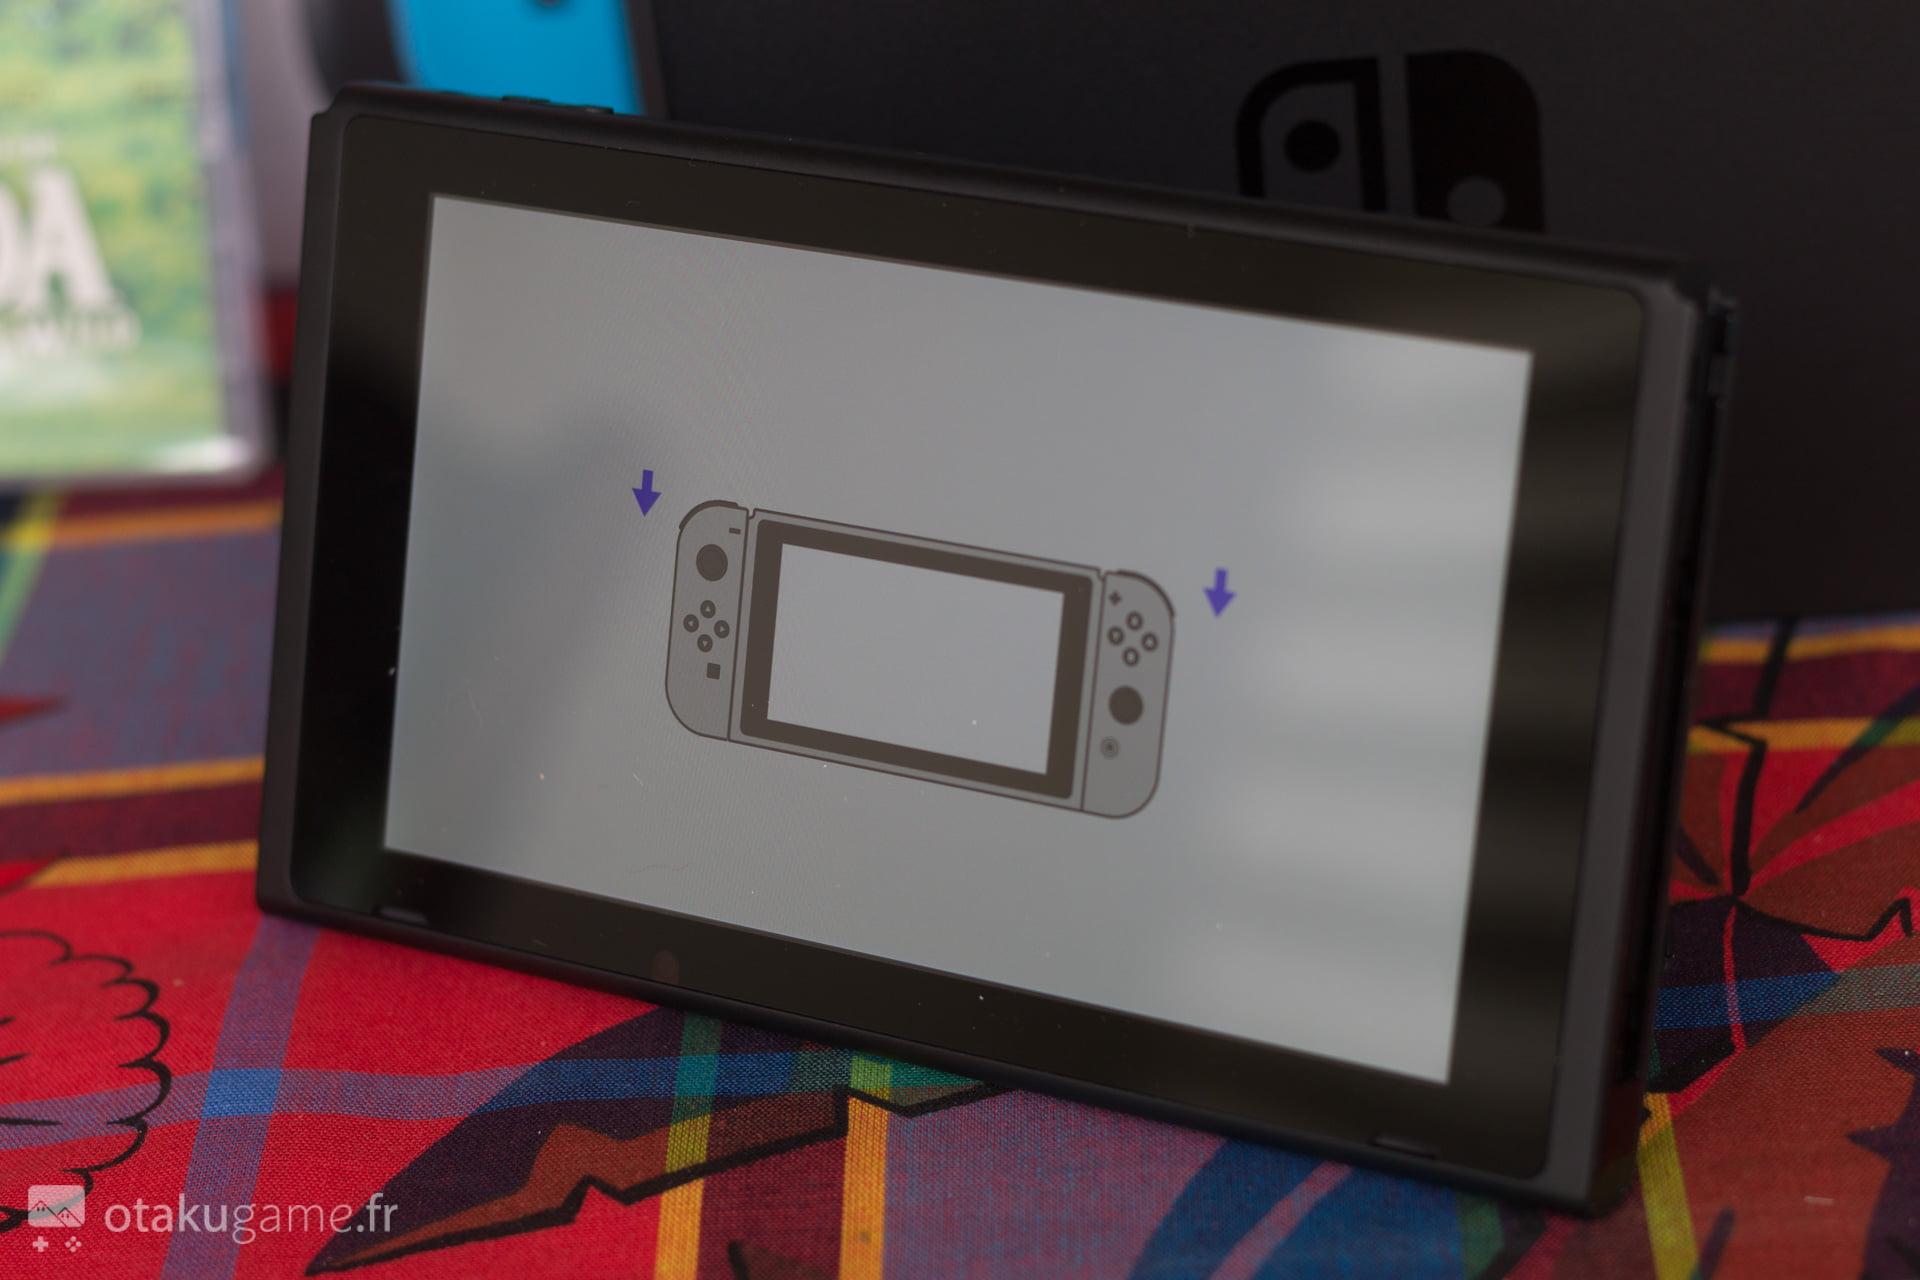 Peu de fonctionnalités sur cette Nintendo Switch...